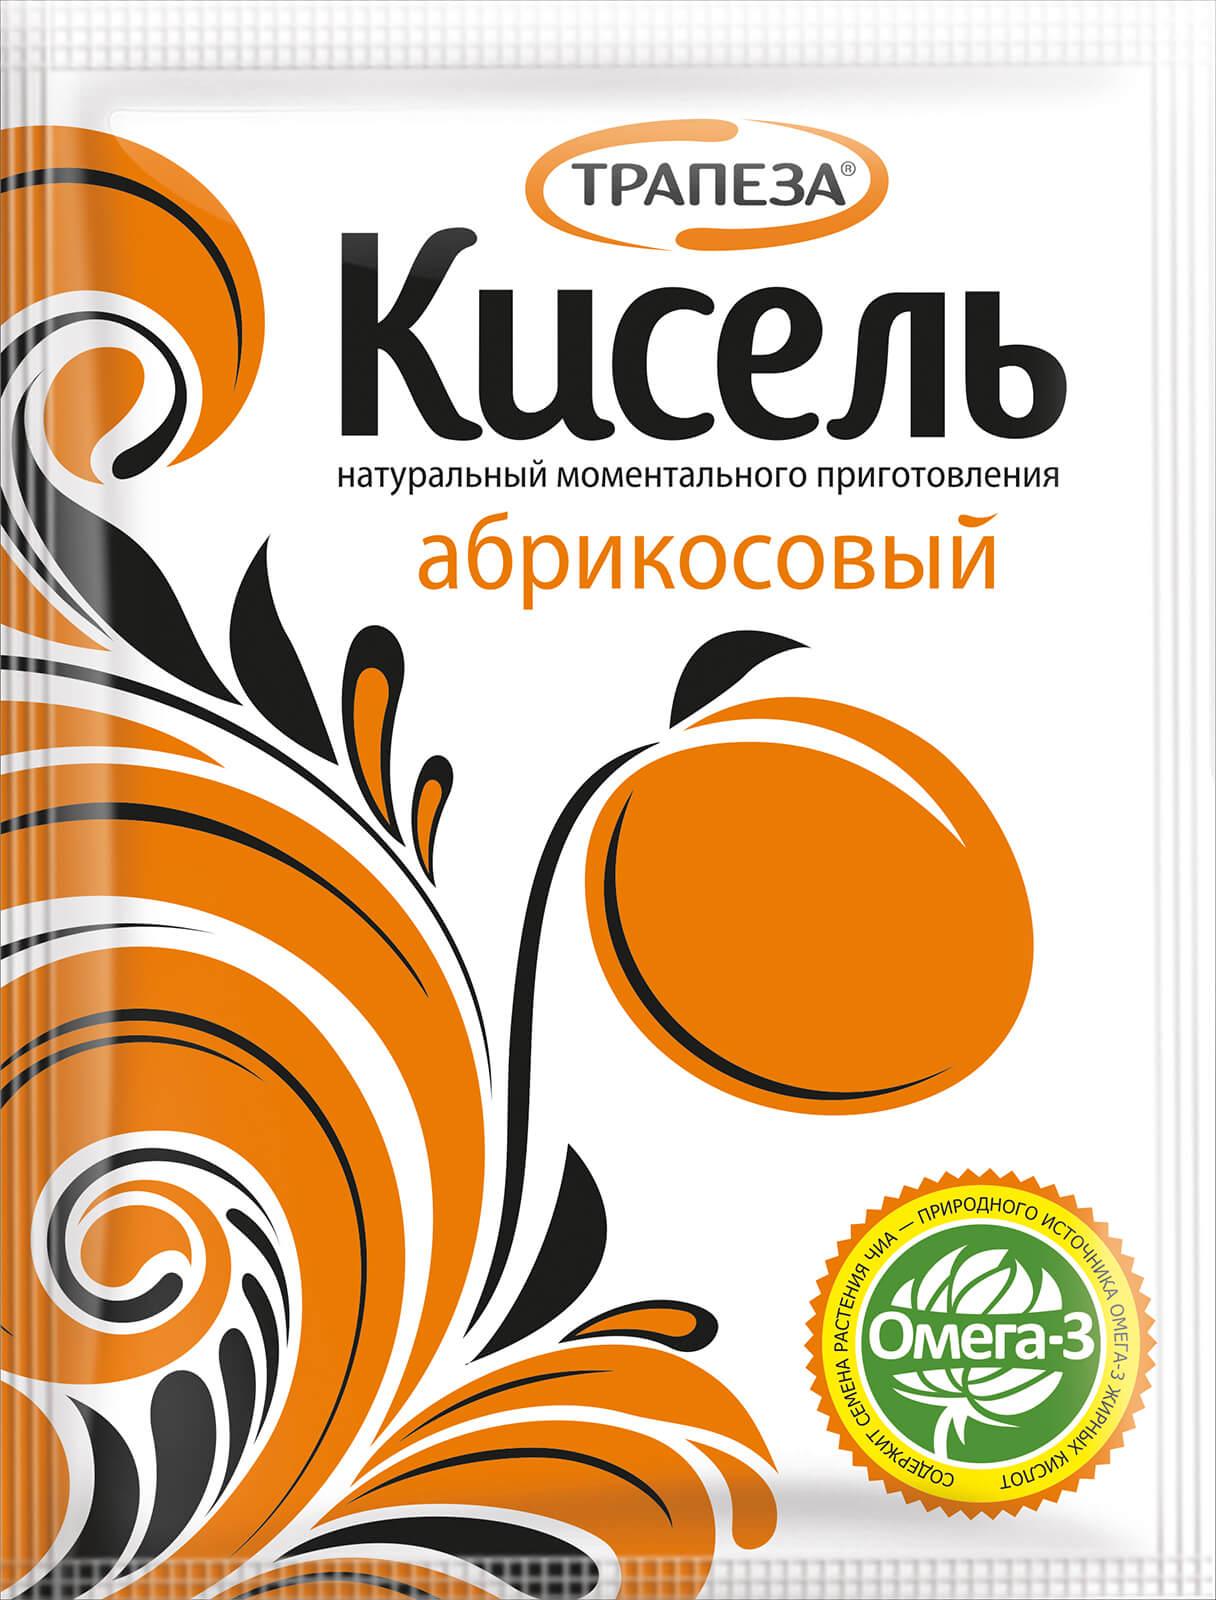 кисель абрикосовый трапеза